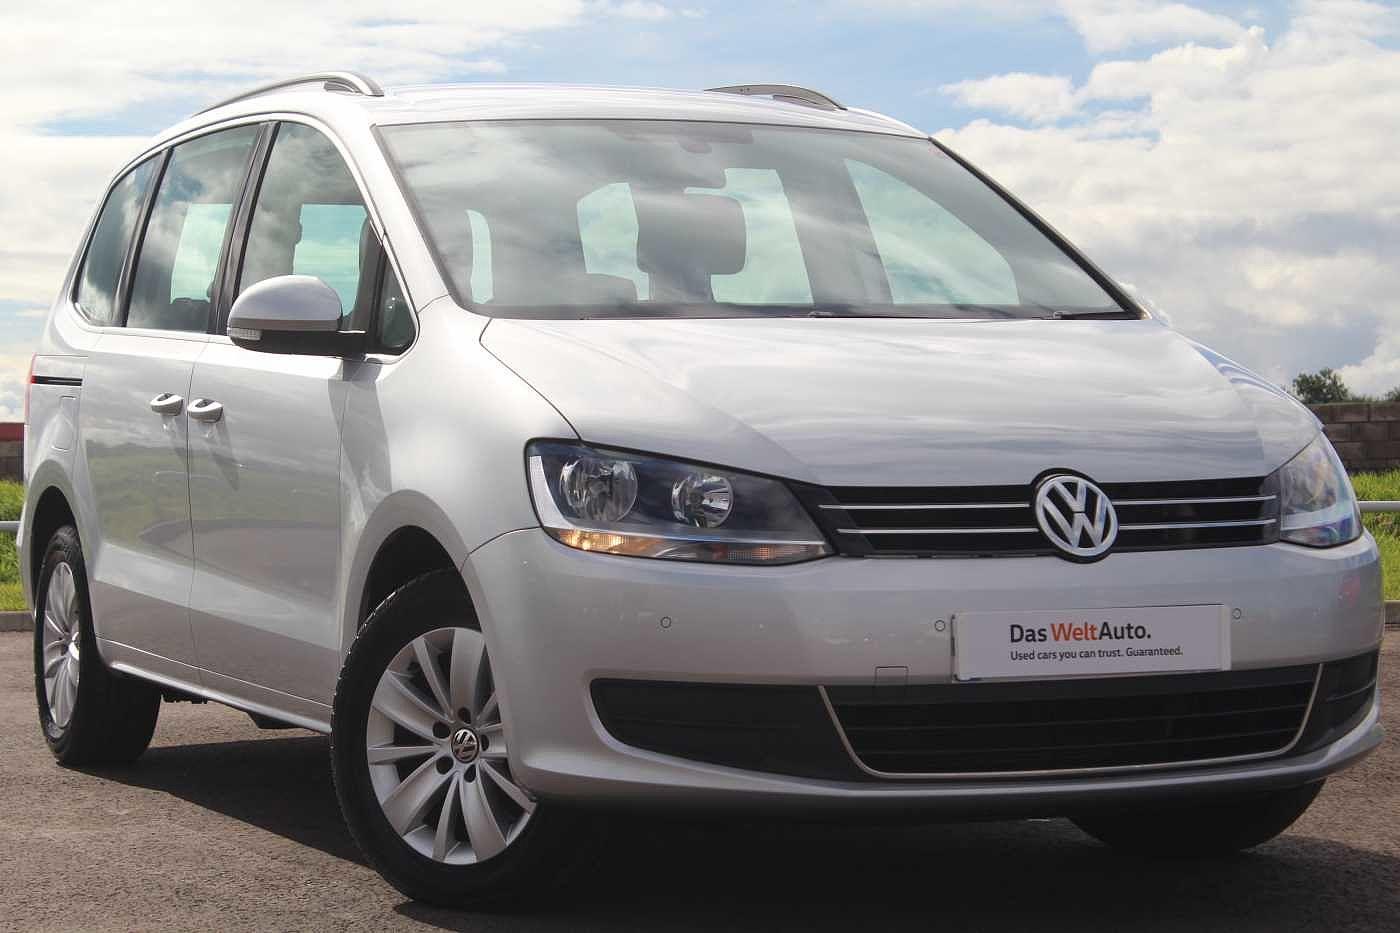 Volkswagen Sharan 2.0 TDI SE (177 PS)